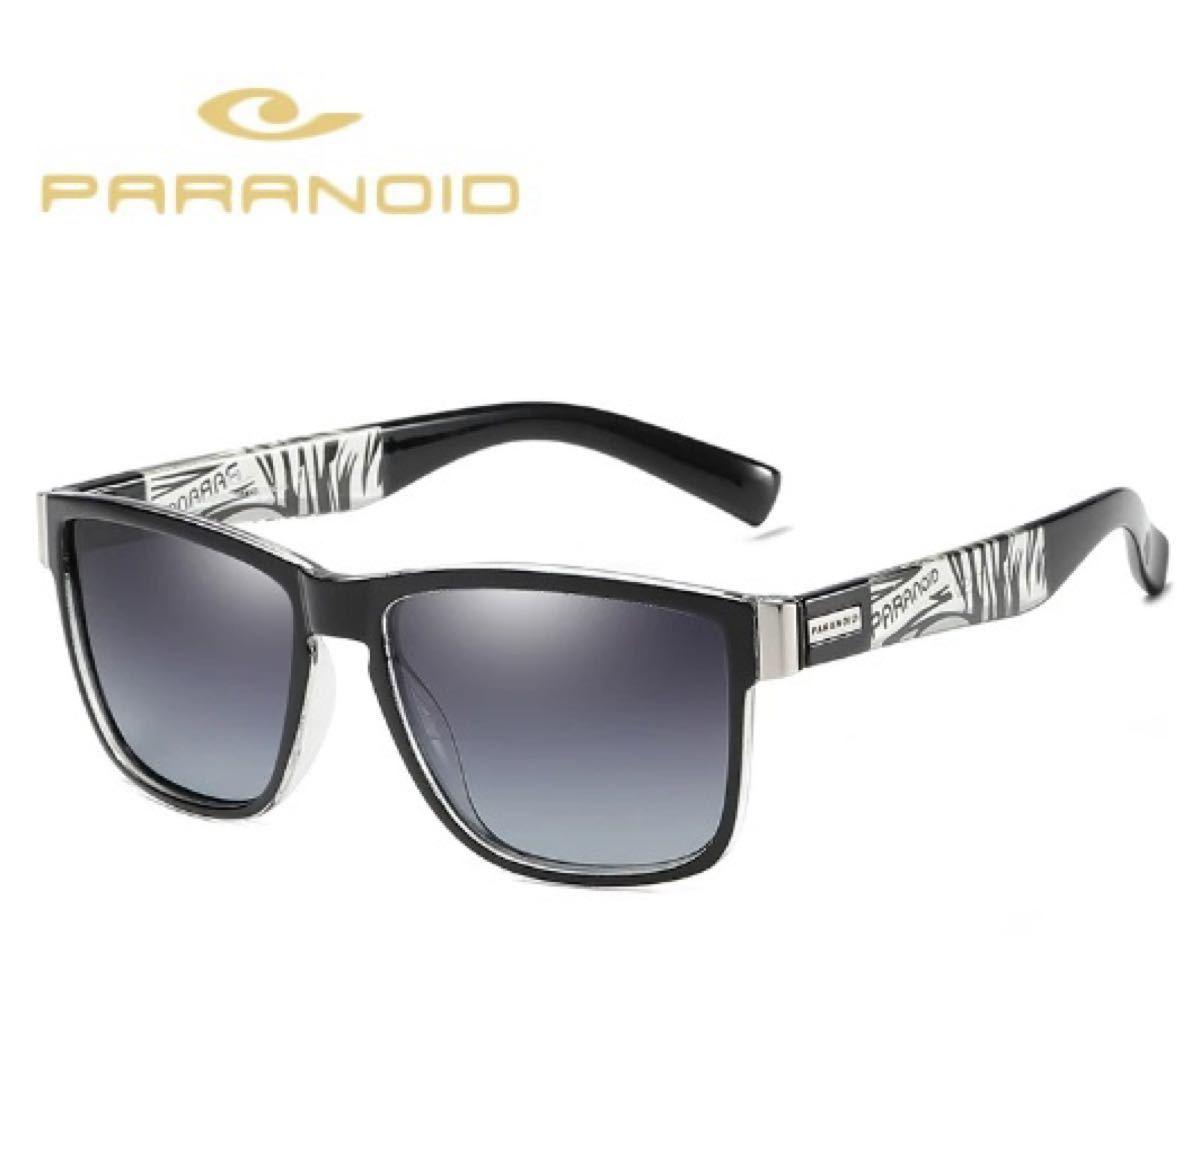 新品 送料込み PARANOID ブルーミラーレンズ偏光サングラス 男女兼用